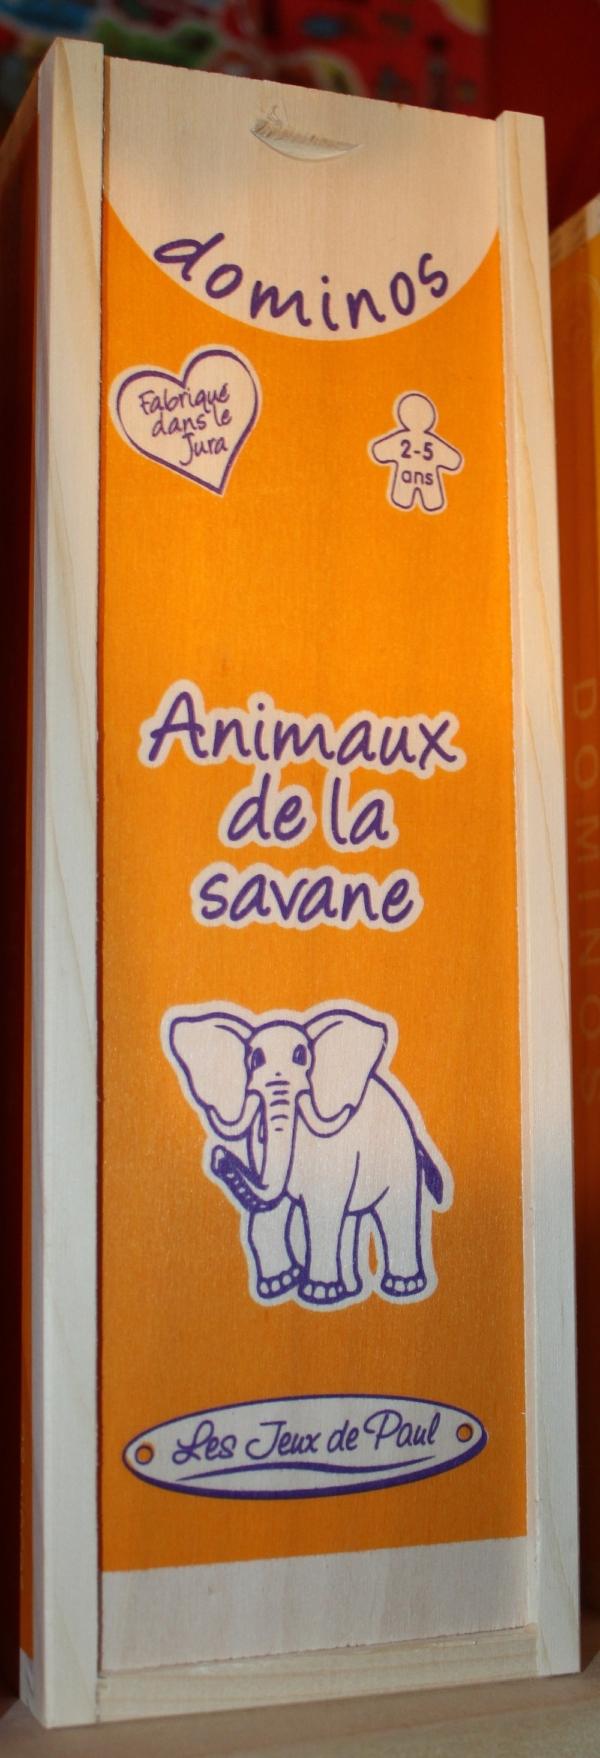 Dominos Animaux de la Savane